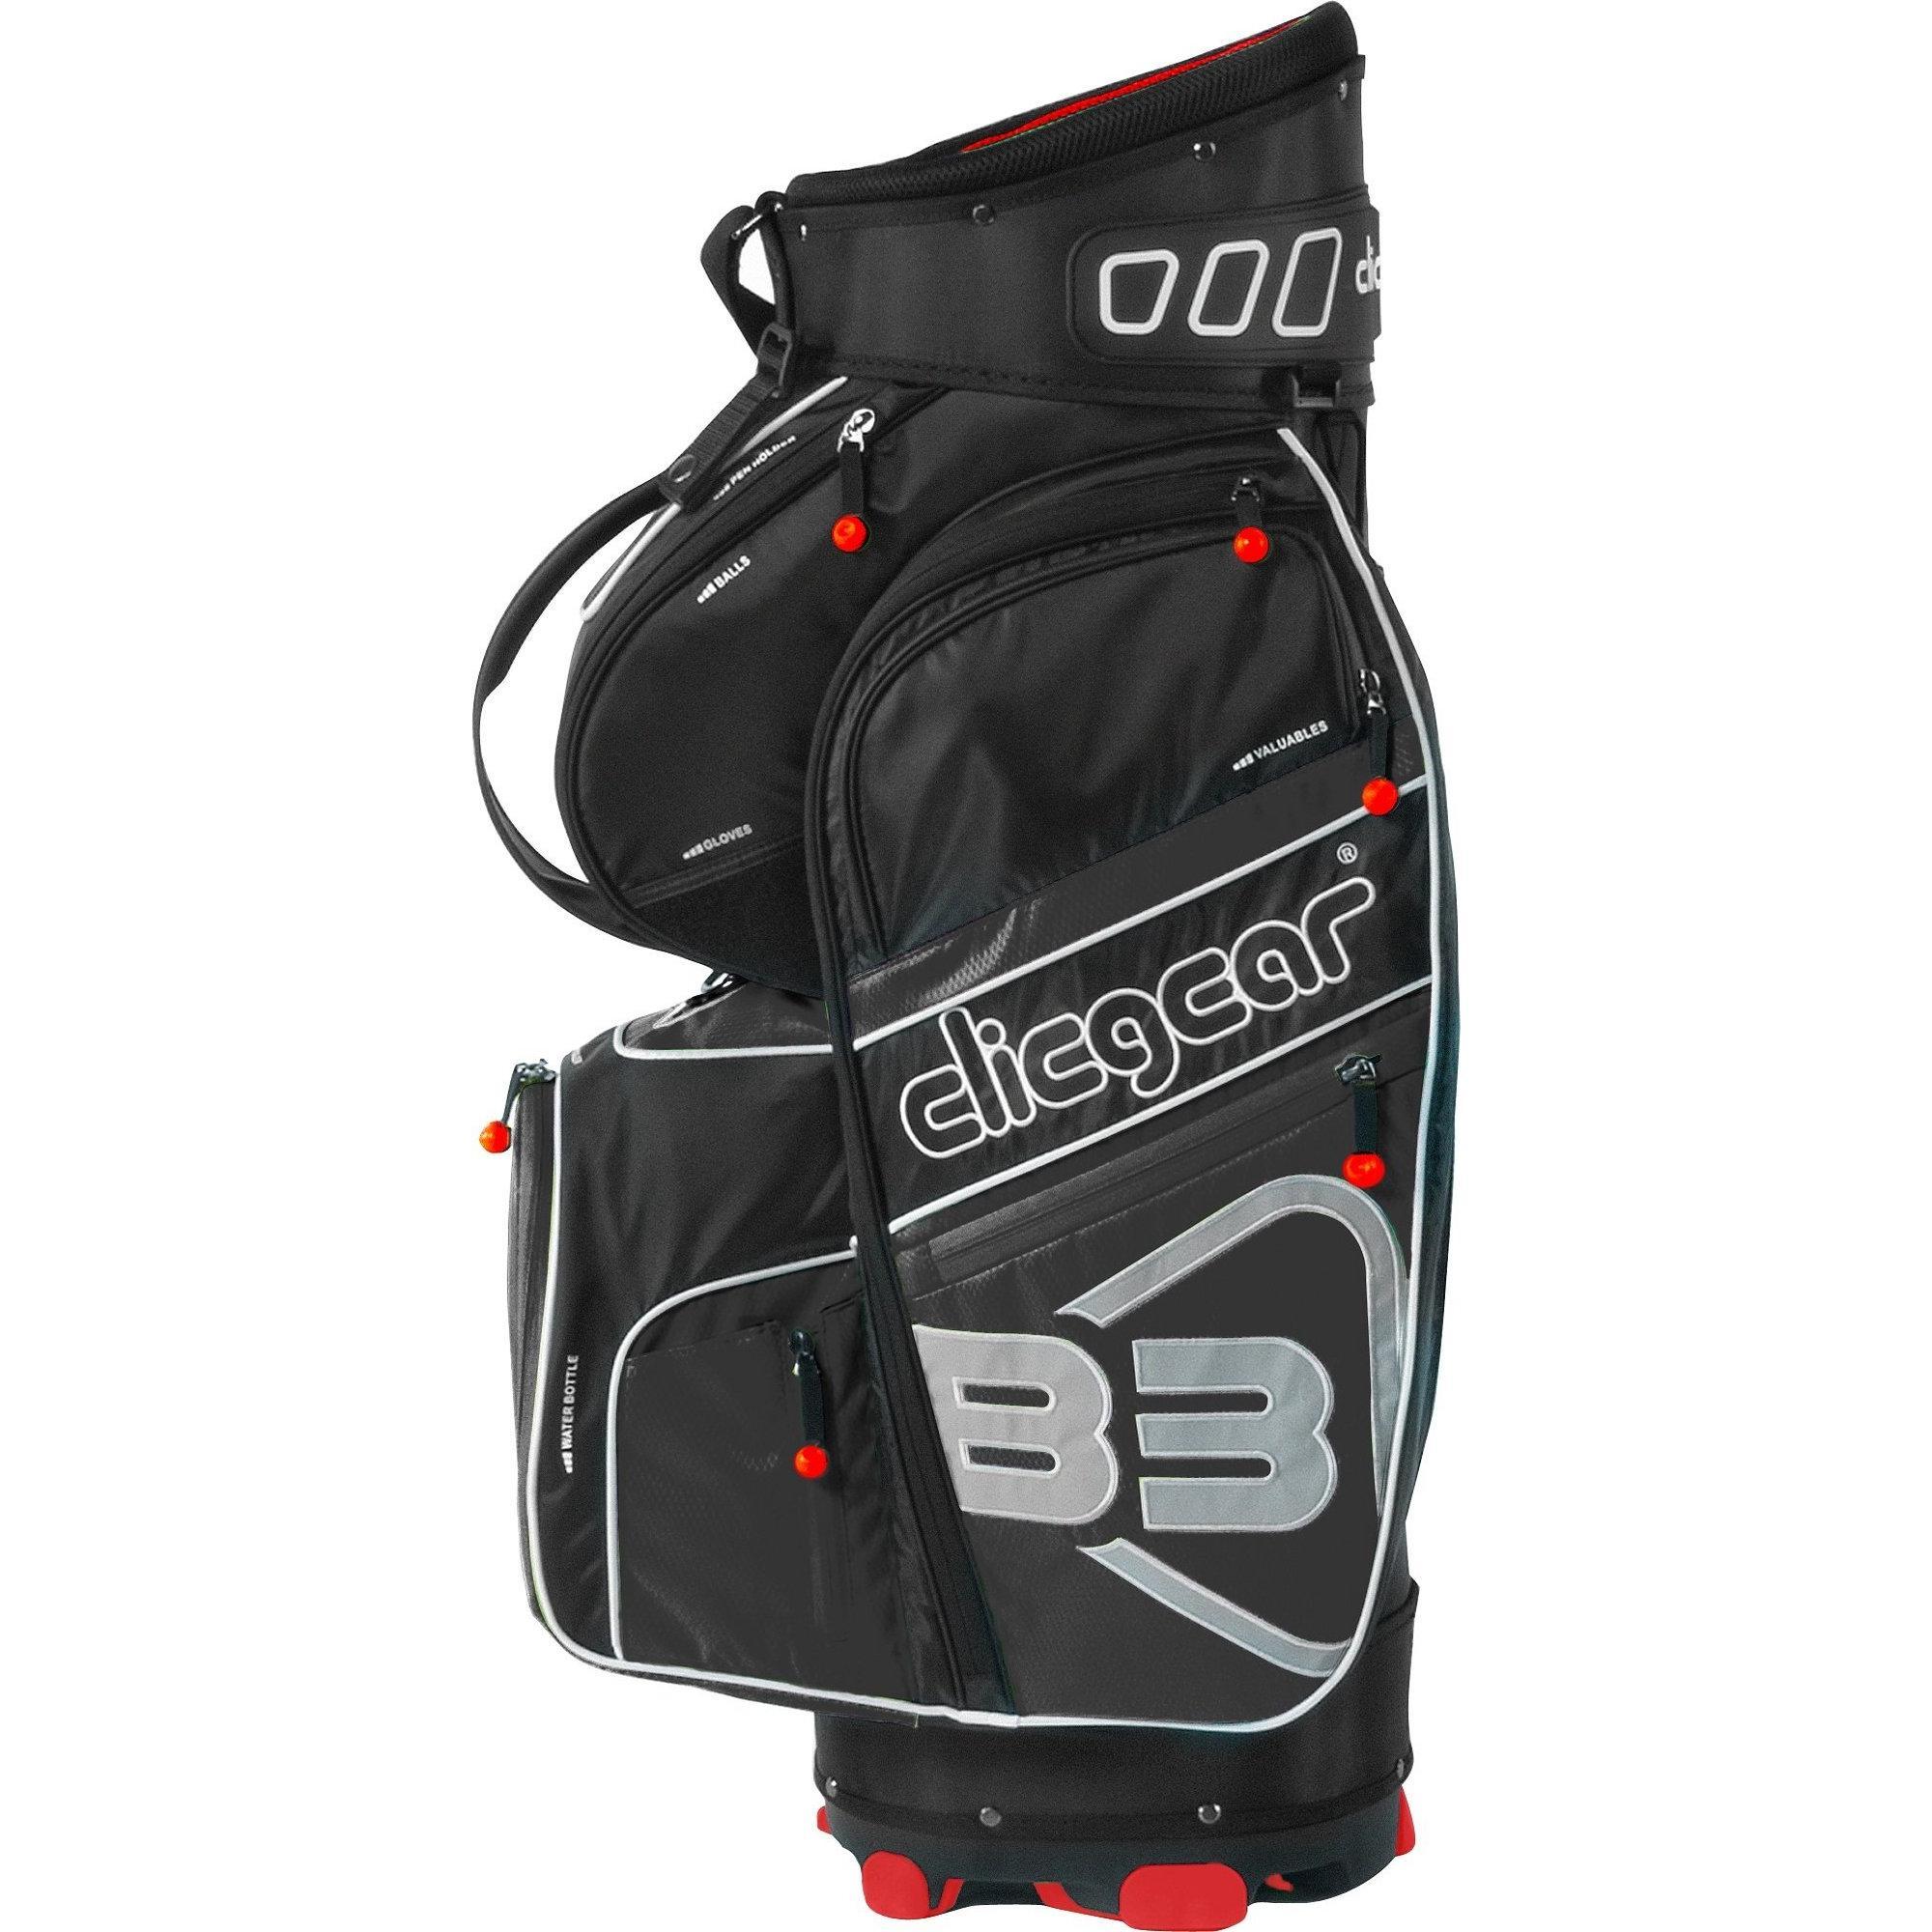 B3 Cart Bag